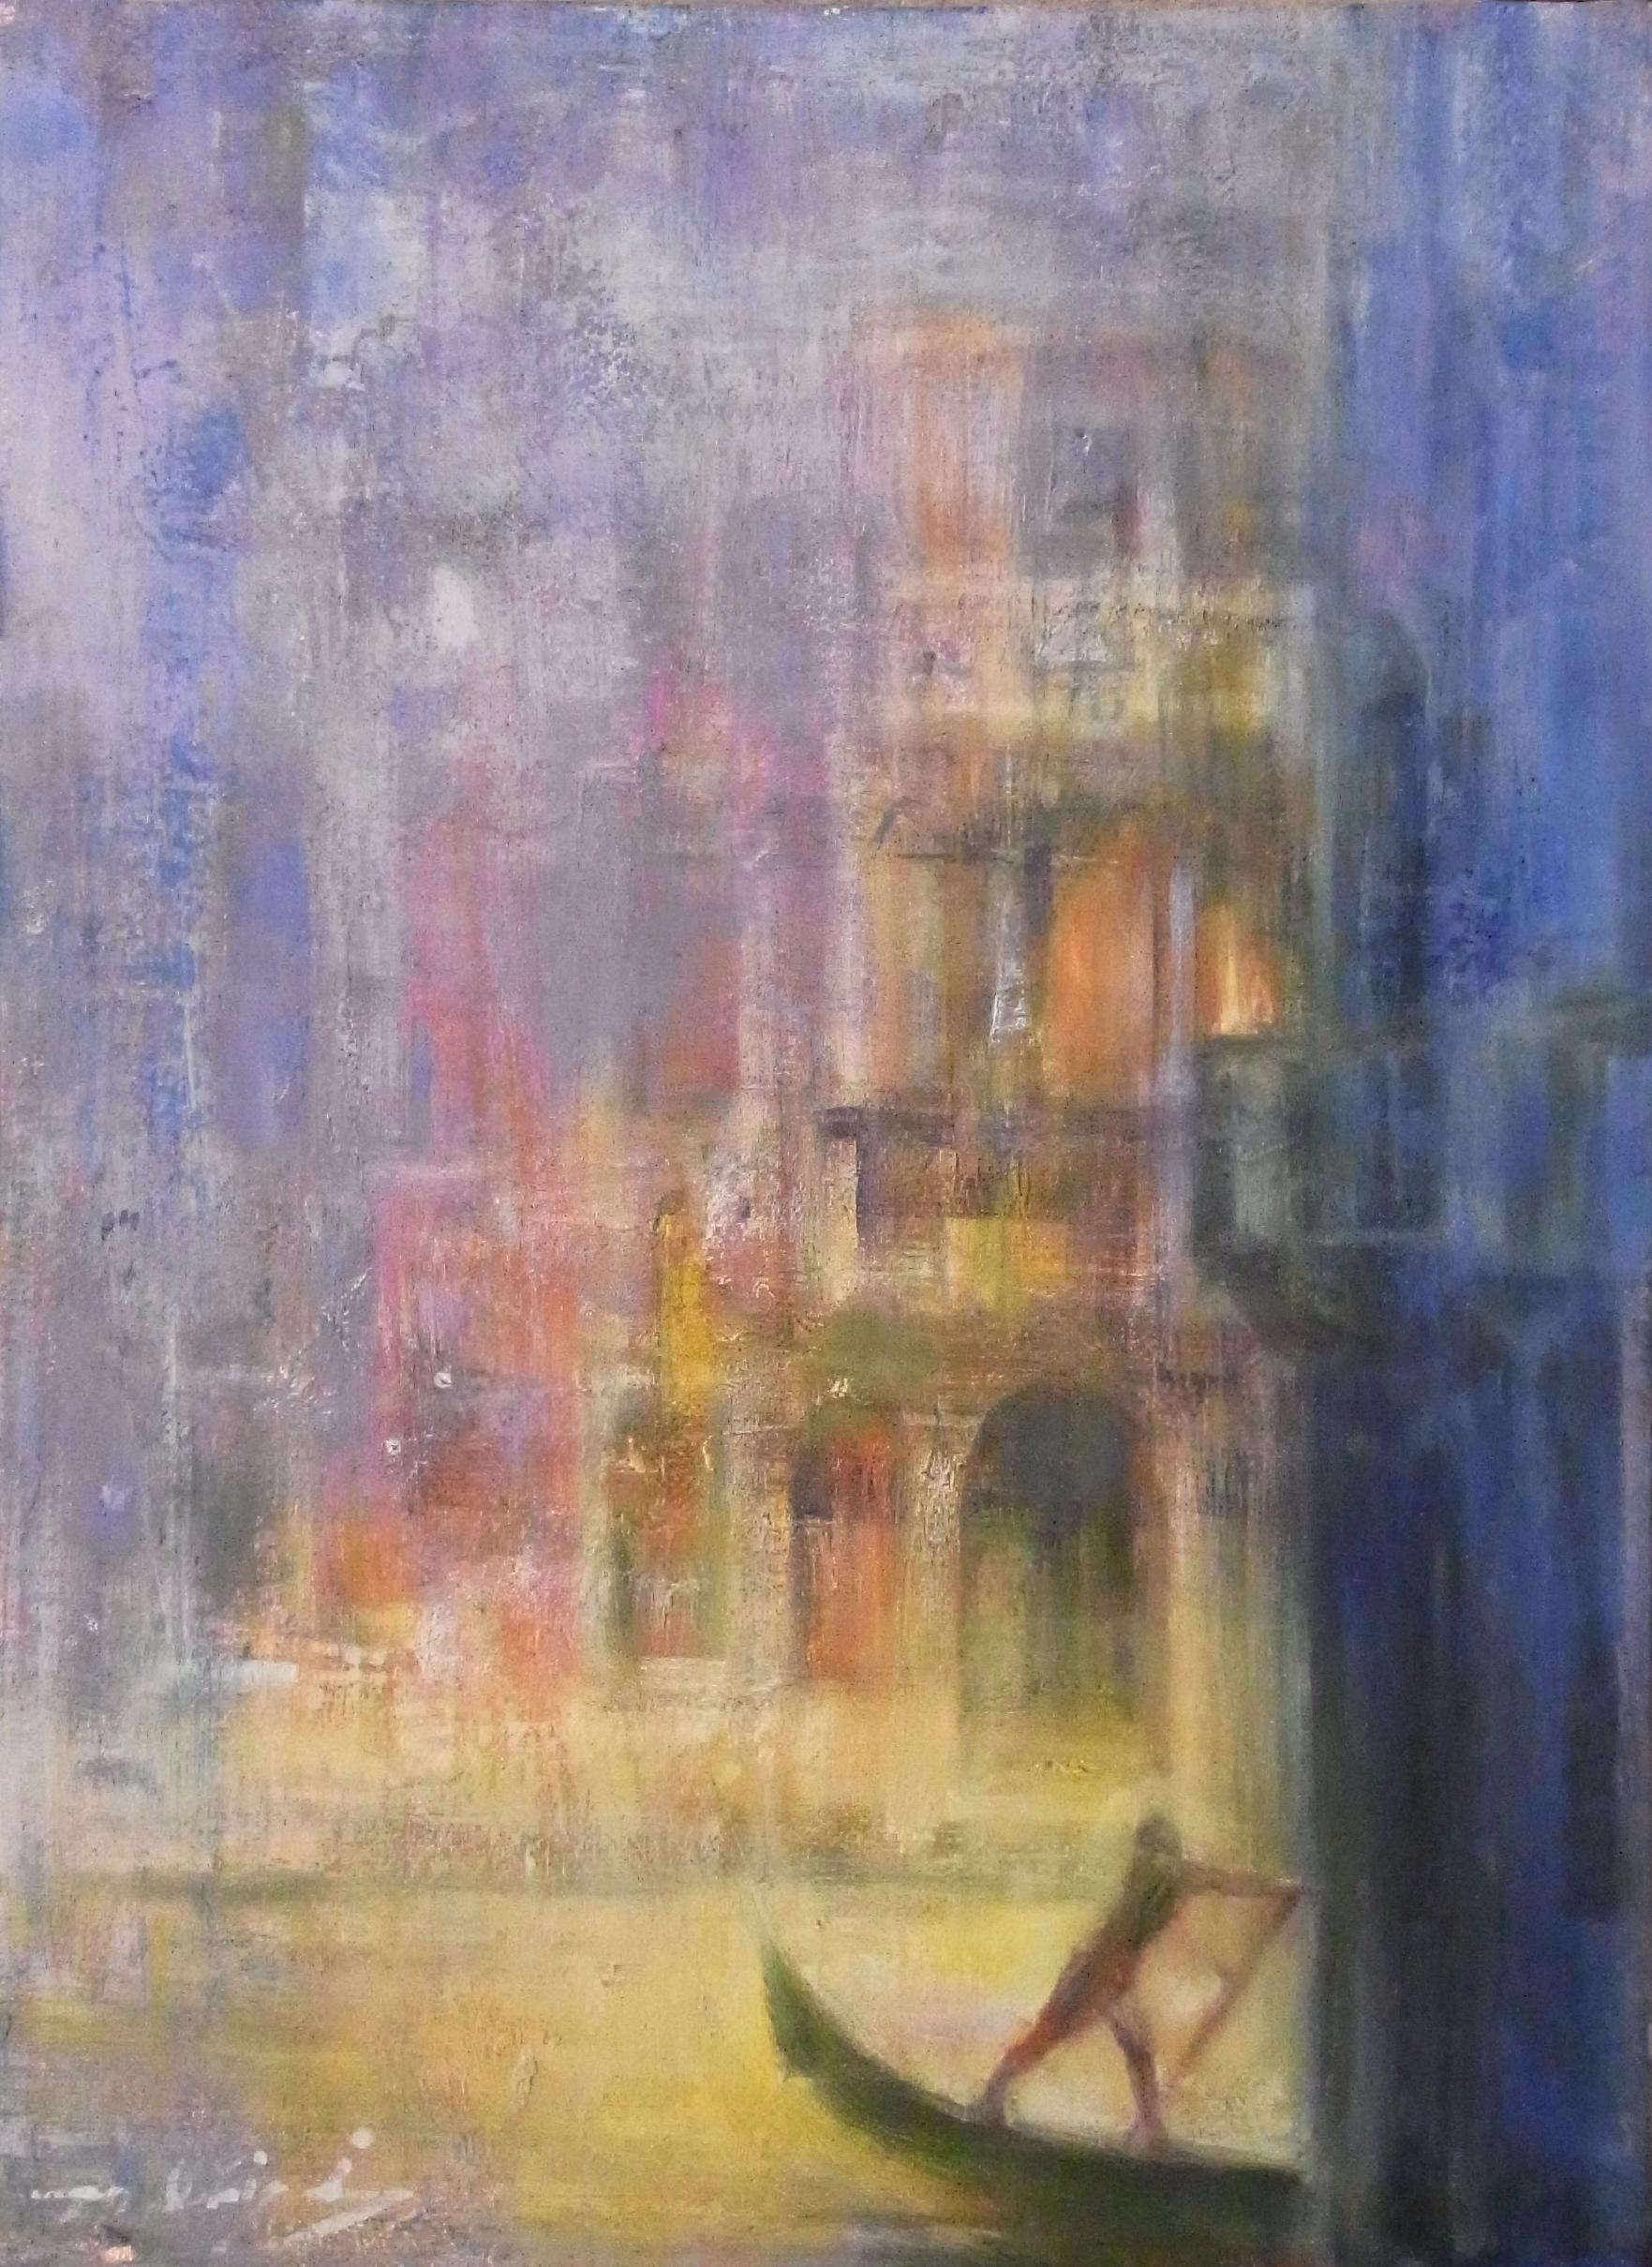 『夜のヴェネツィア』 2015年作